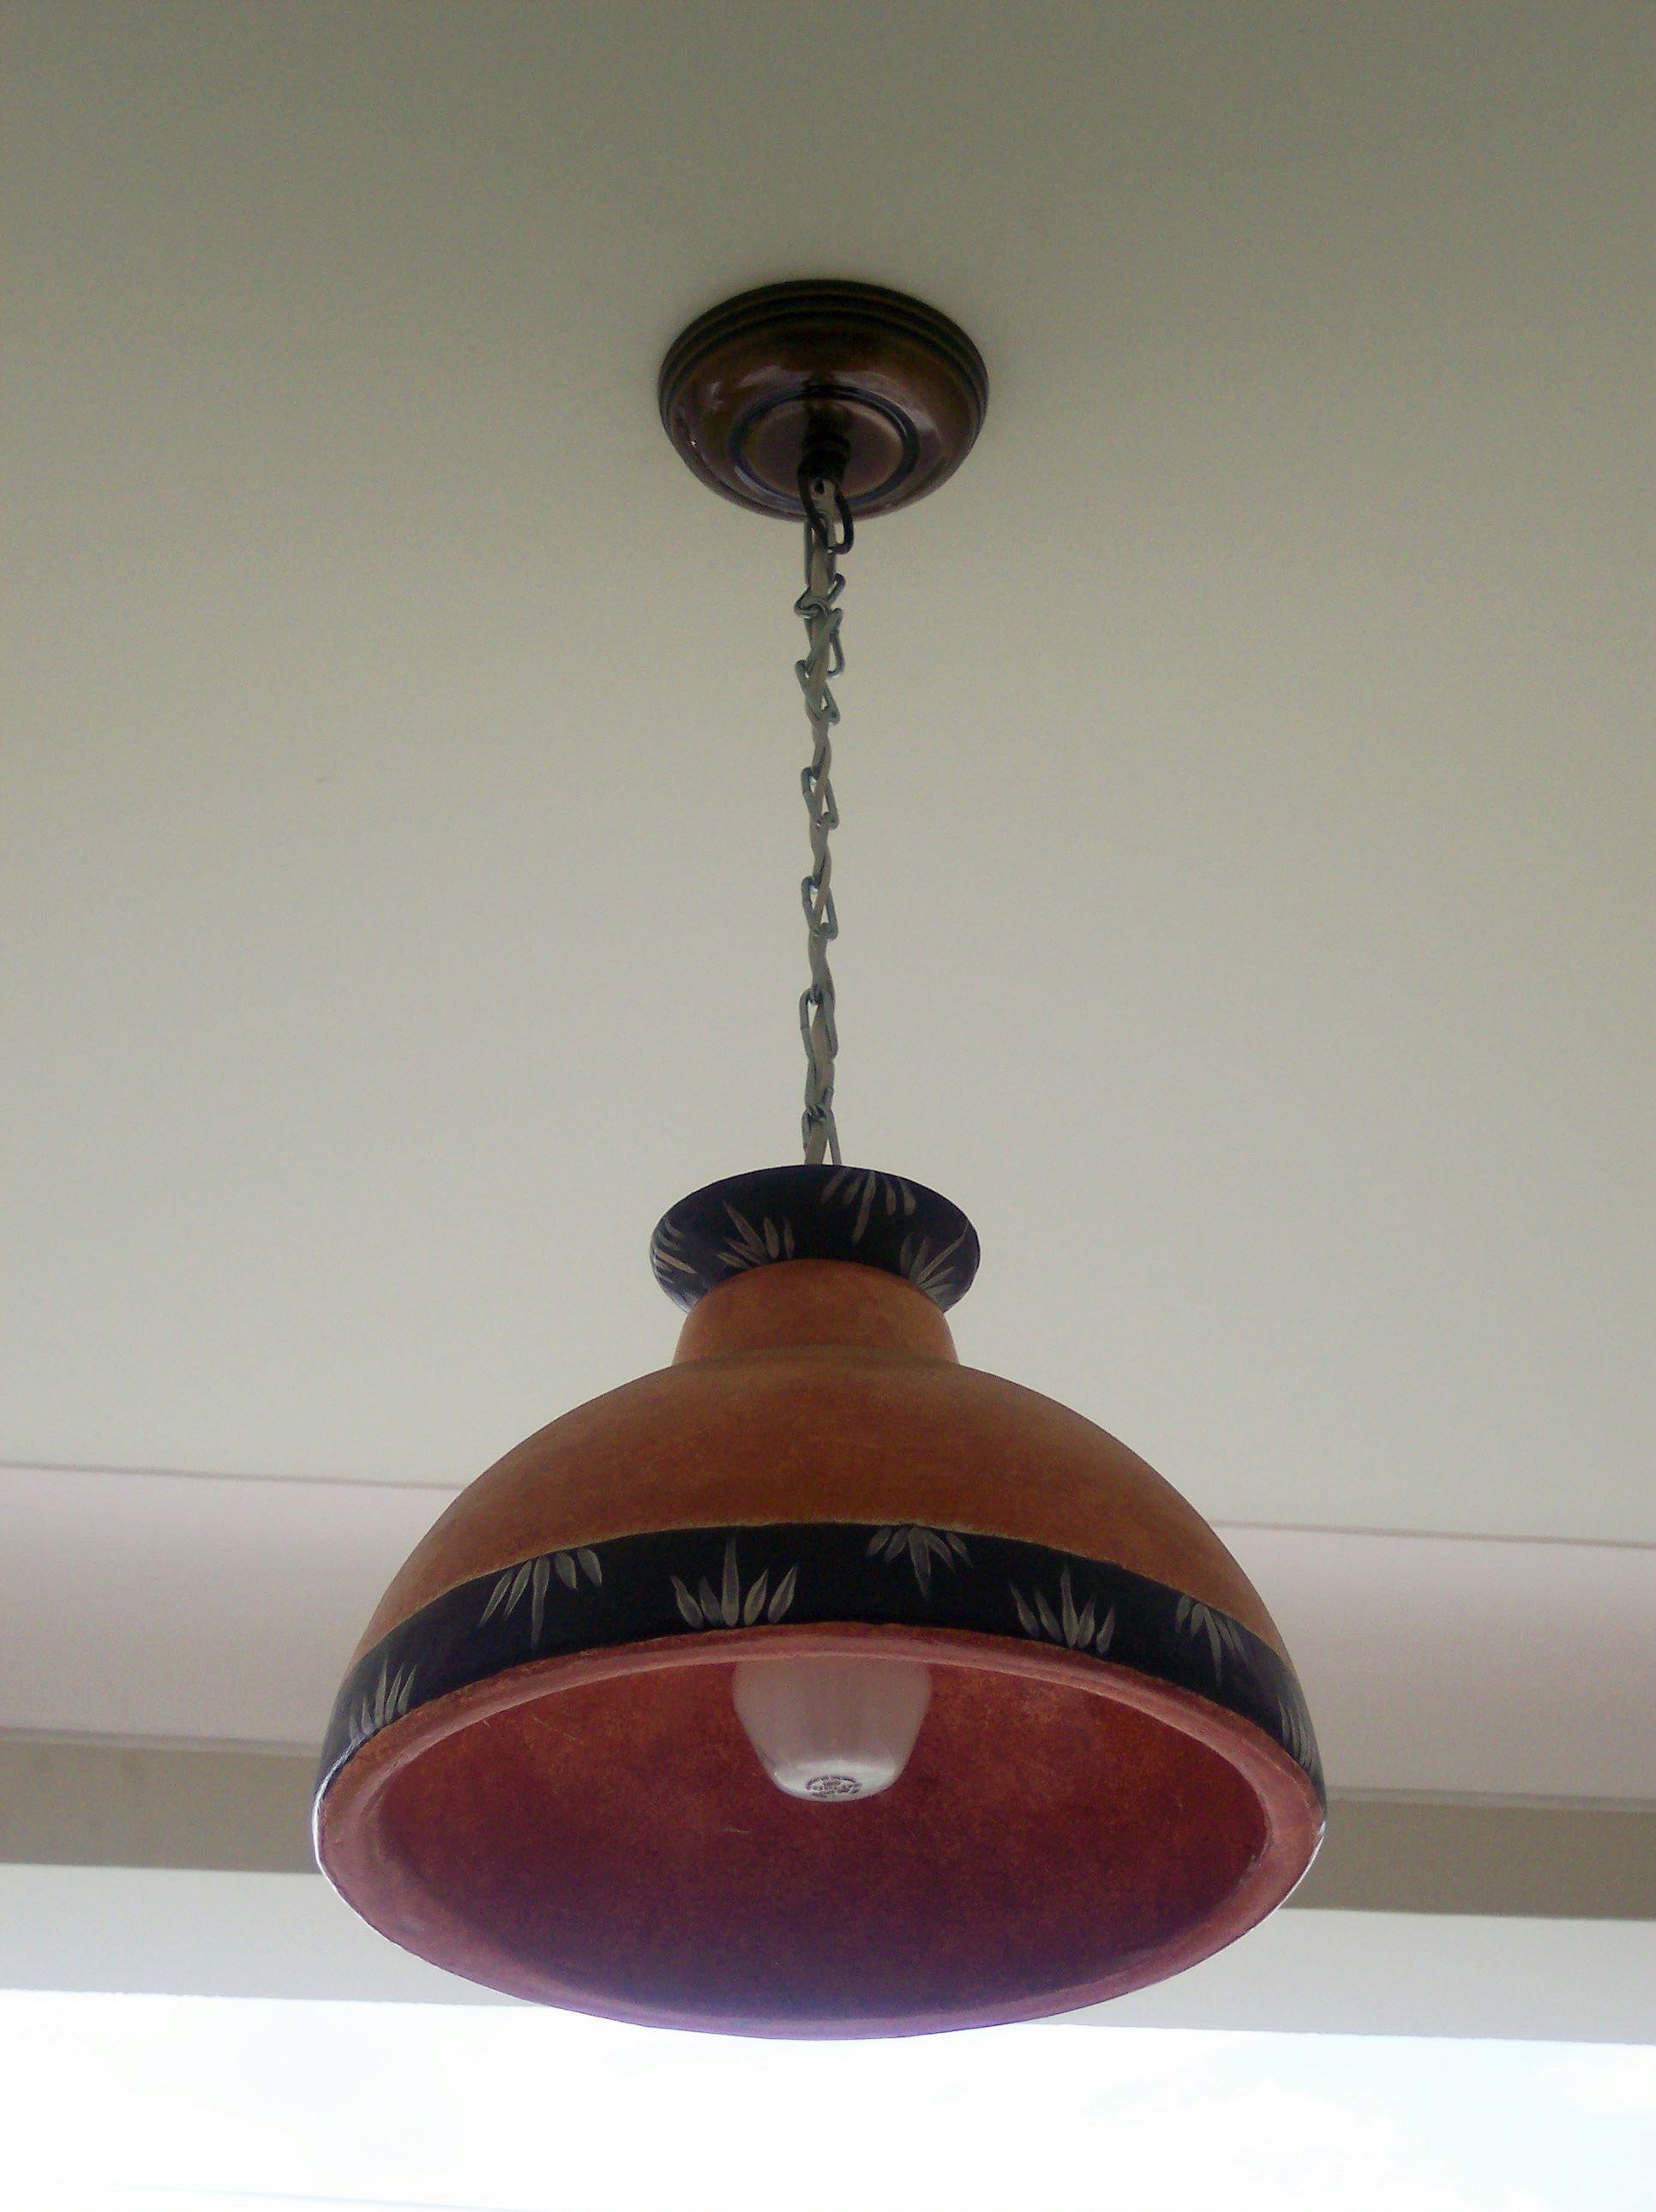 En icopor manulidades decoraci n para el hogar objetos de decoracion y sobres de papel - Objetos decoracion ...